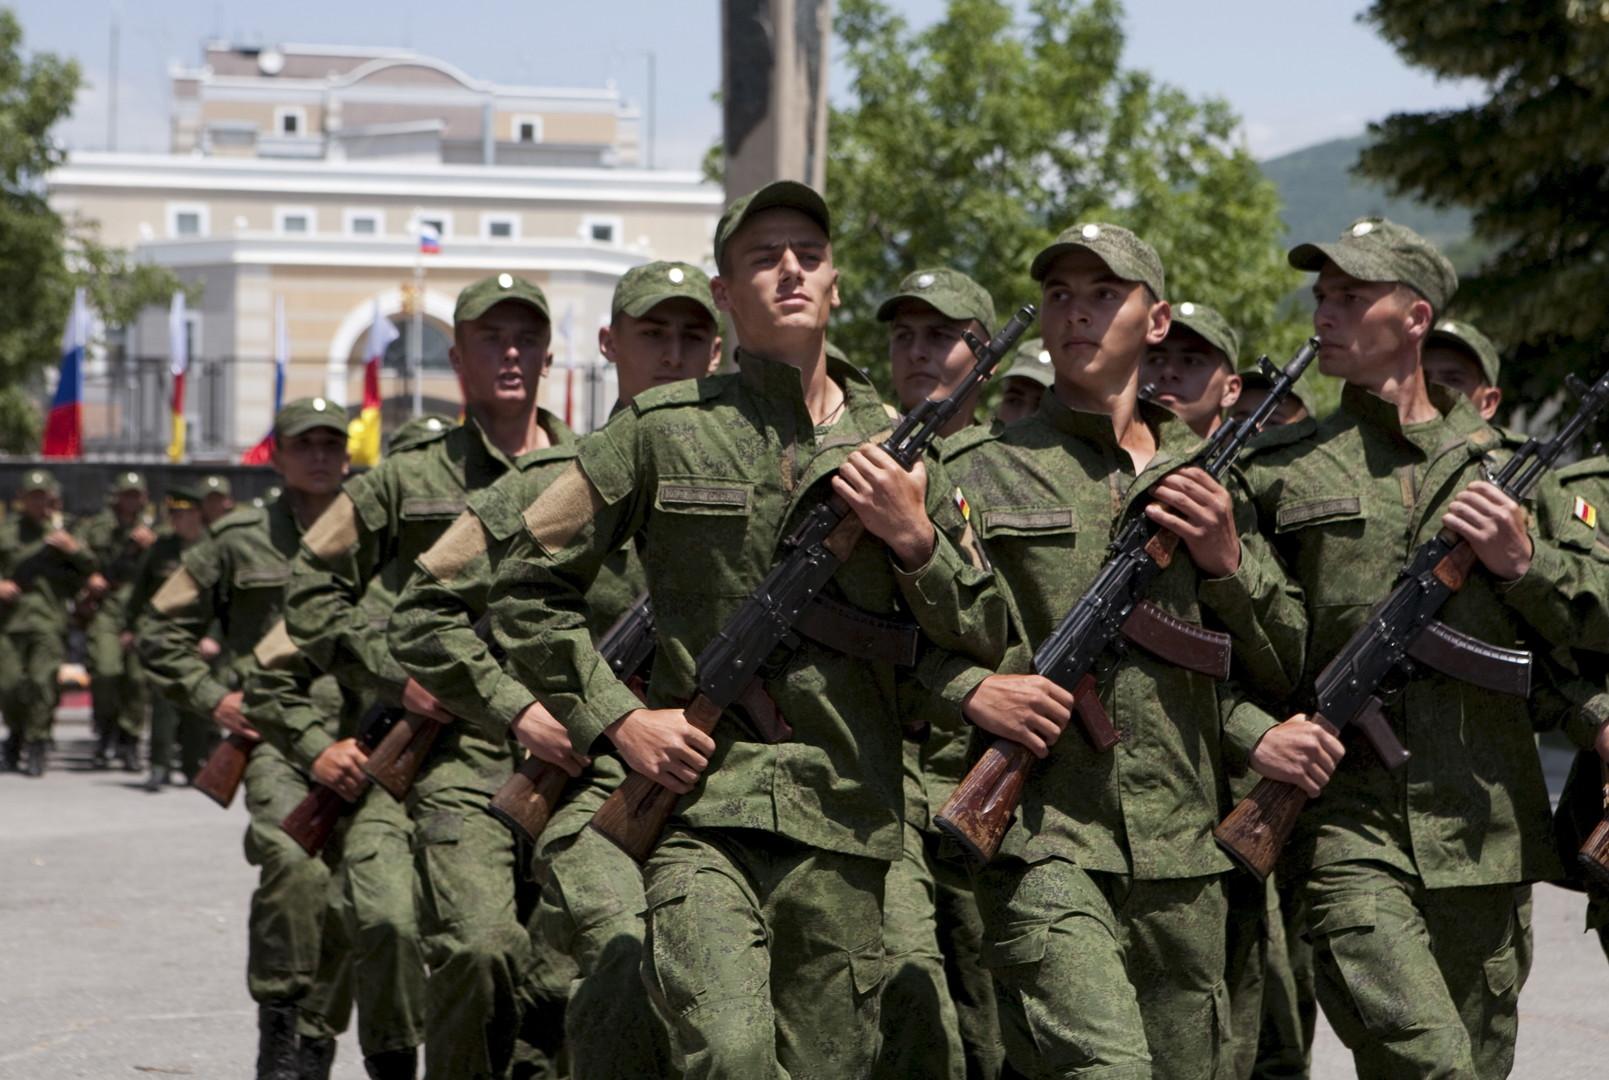 Des militaires lors d'un serment d'allégeance à Tskhinvali